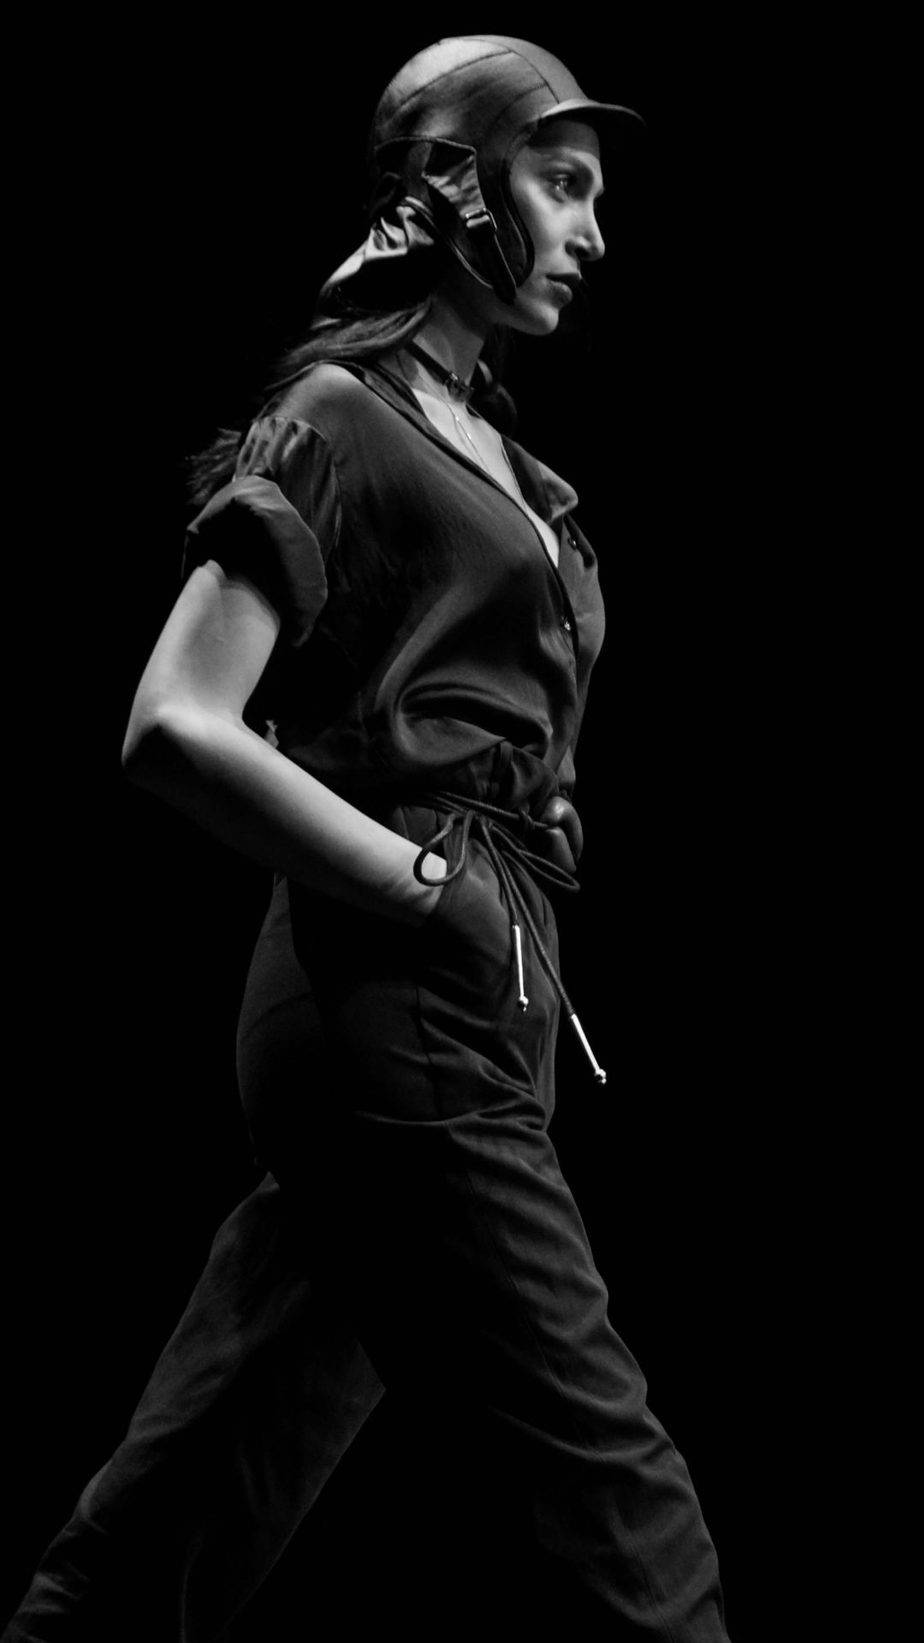 ויוי בלאיש. שבוע האופנה תל אביב 2019. צילום עינב הלפגוט - 7